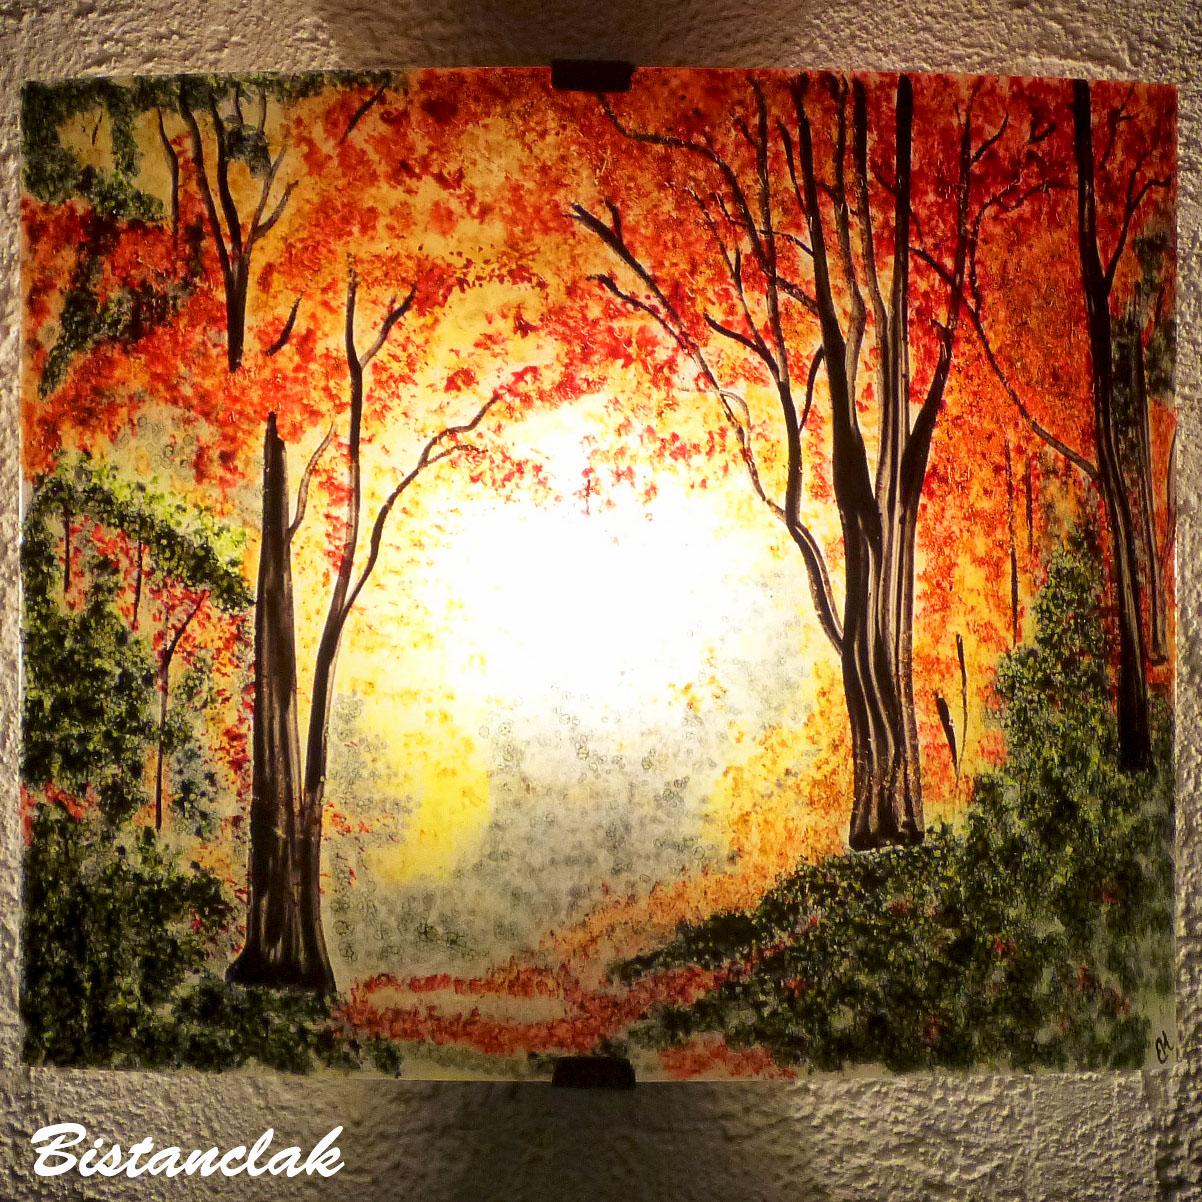 Applique artisanale au motif d'une clairiere de couleur jaune, orange, rouge et vert